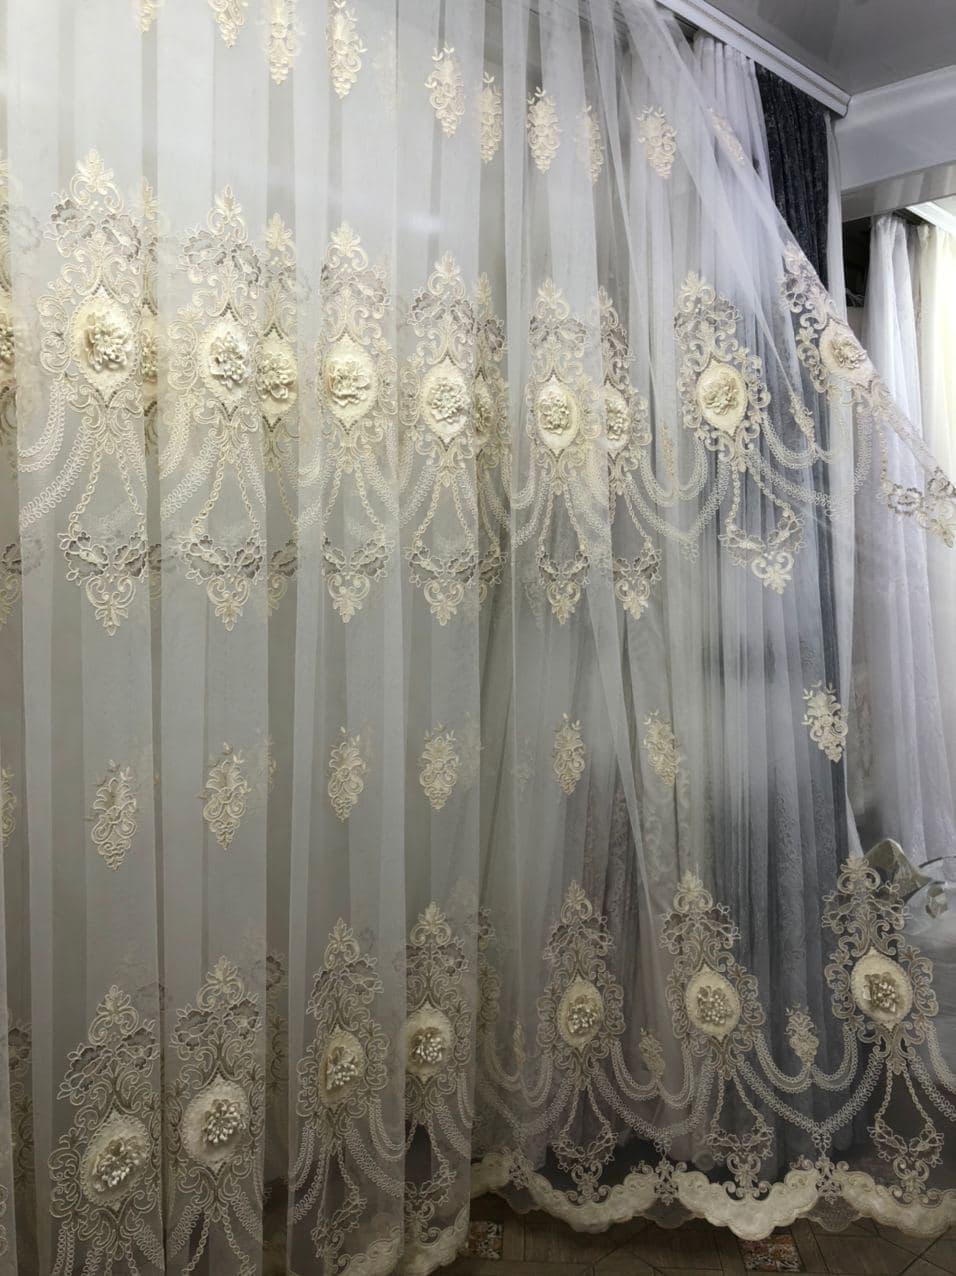 Тюль фатин сетка с большим купоном по середине для гостинной. Цвет: золотистый